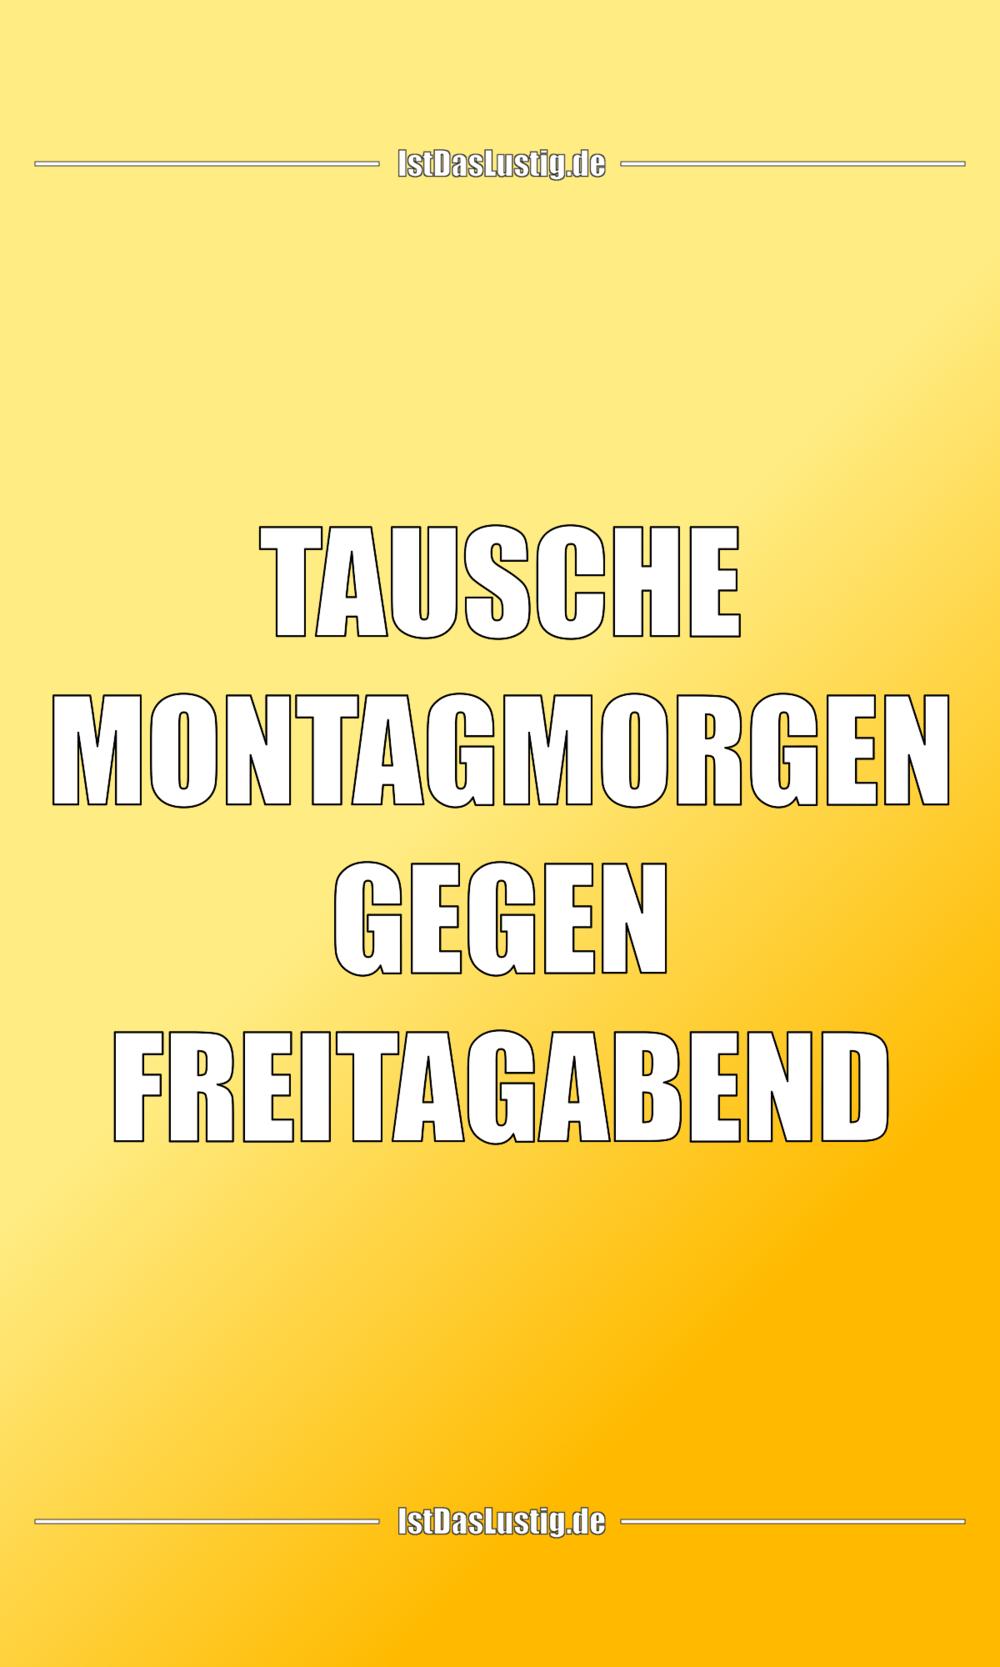 Lustiger BilderSpruch - TAUSCHE MONTAGMORGEN GEGEN FREITAGABEND